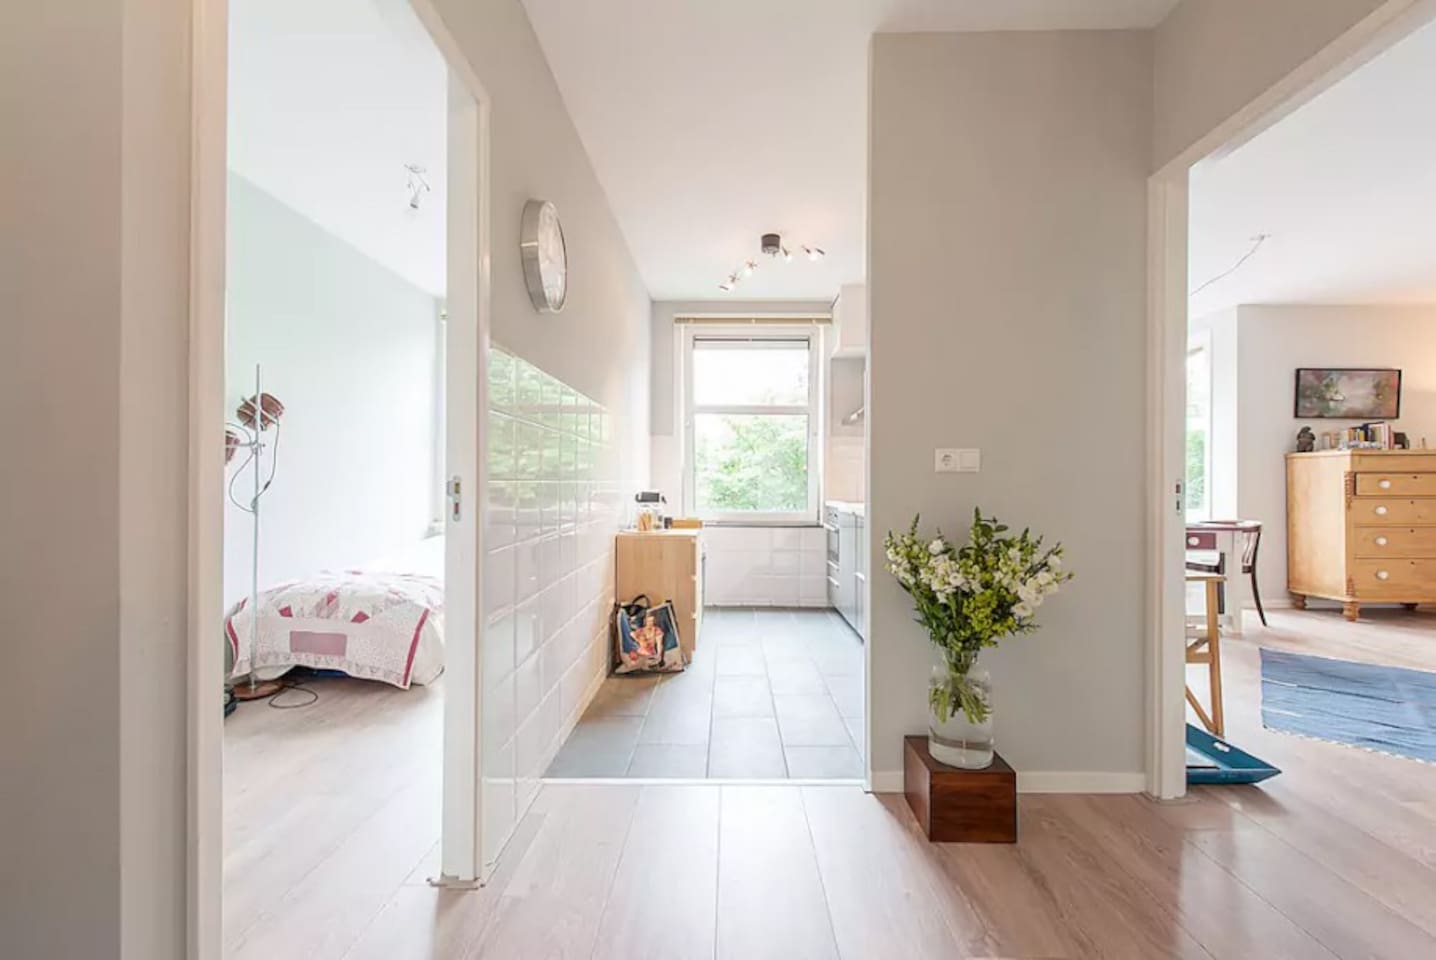 Bedroom, kitchen, living